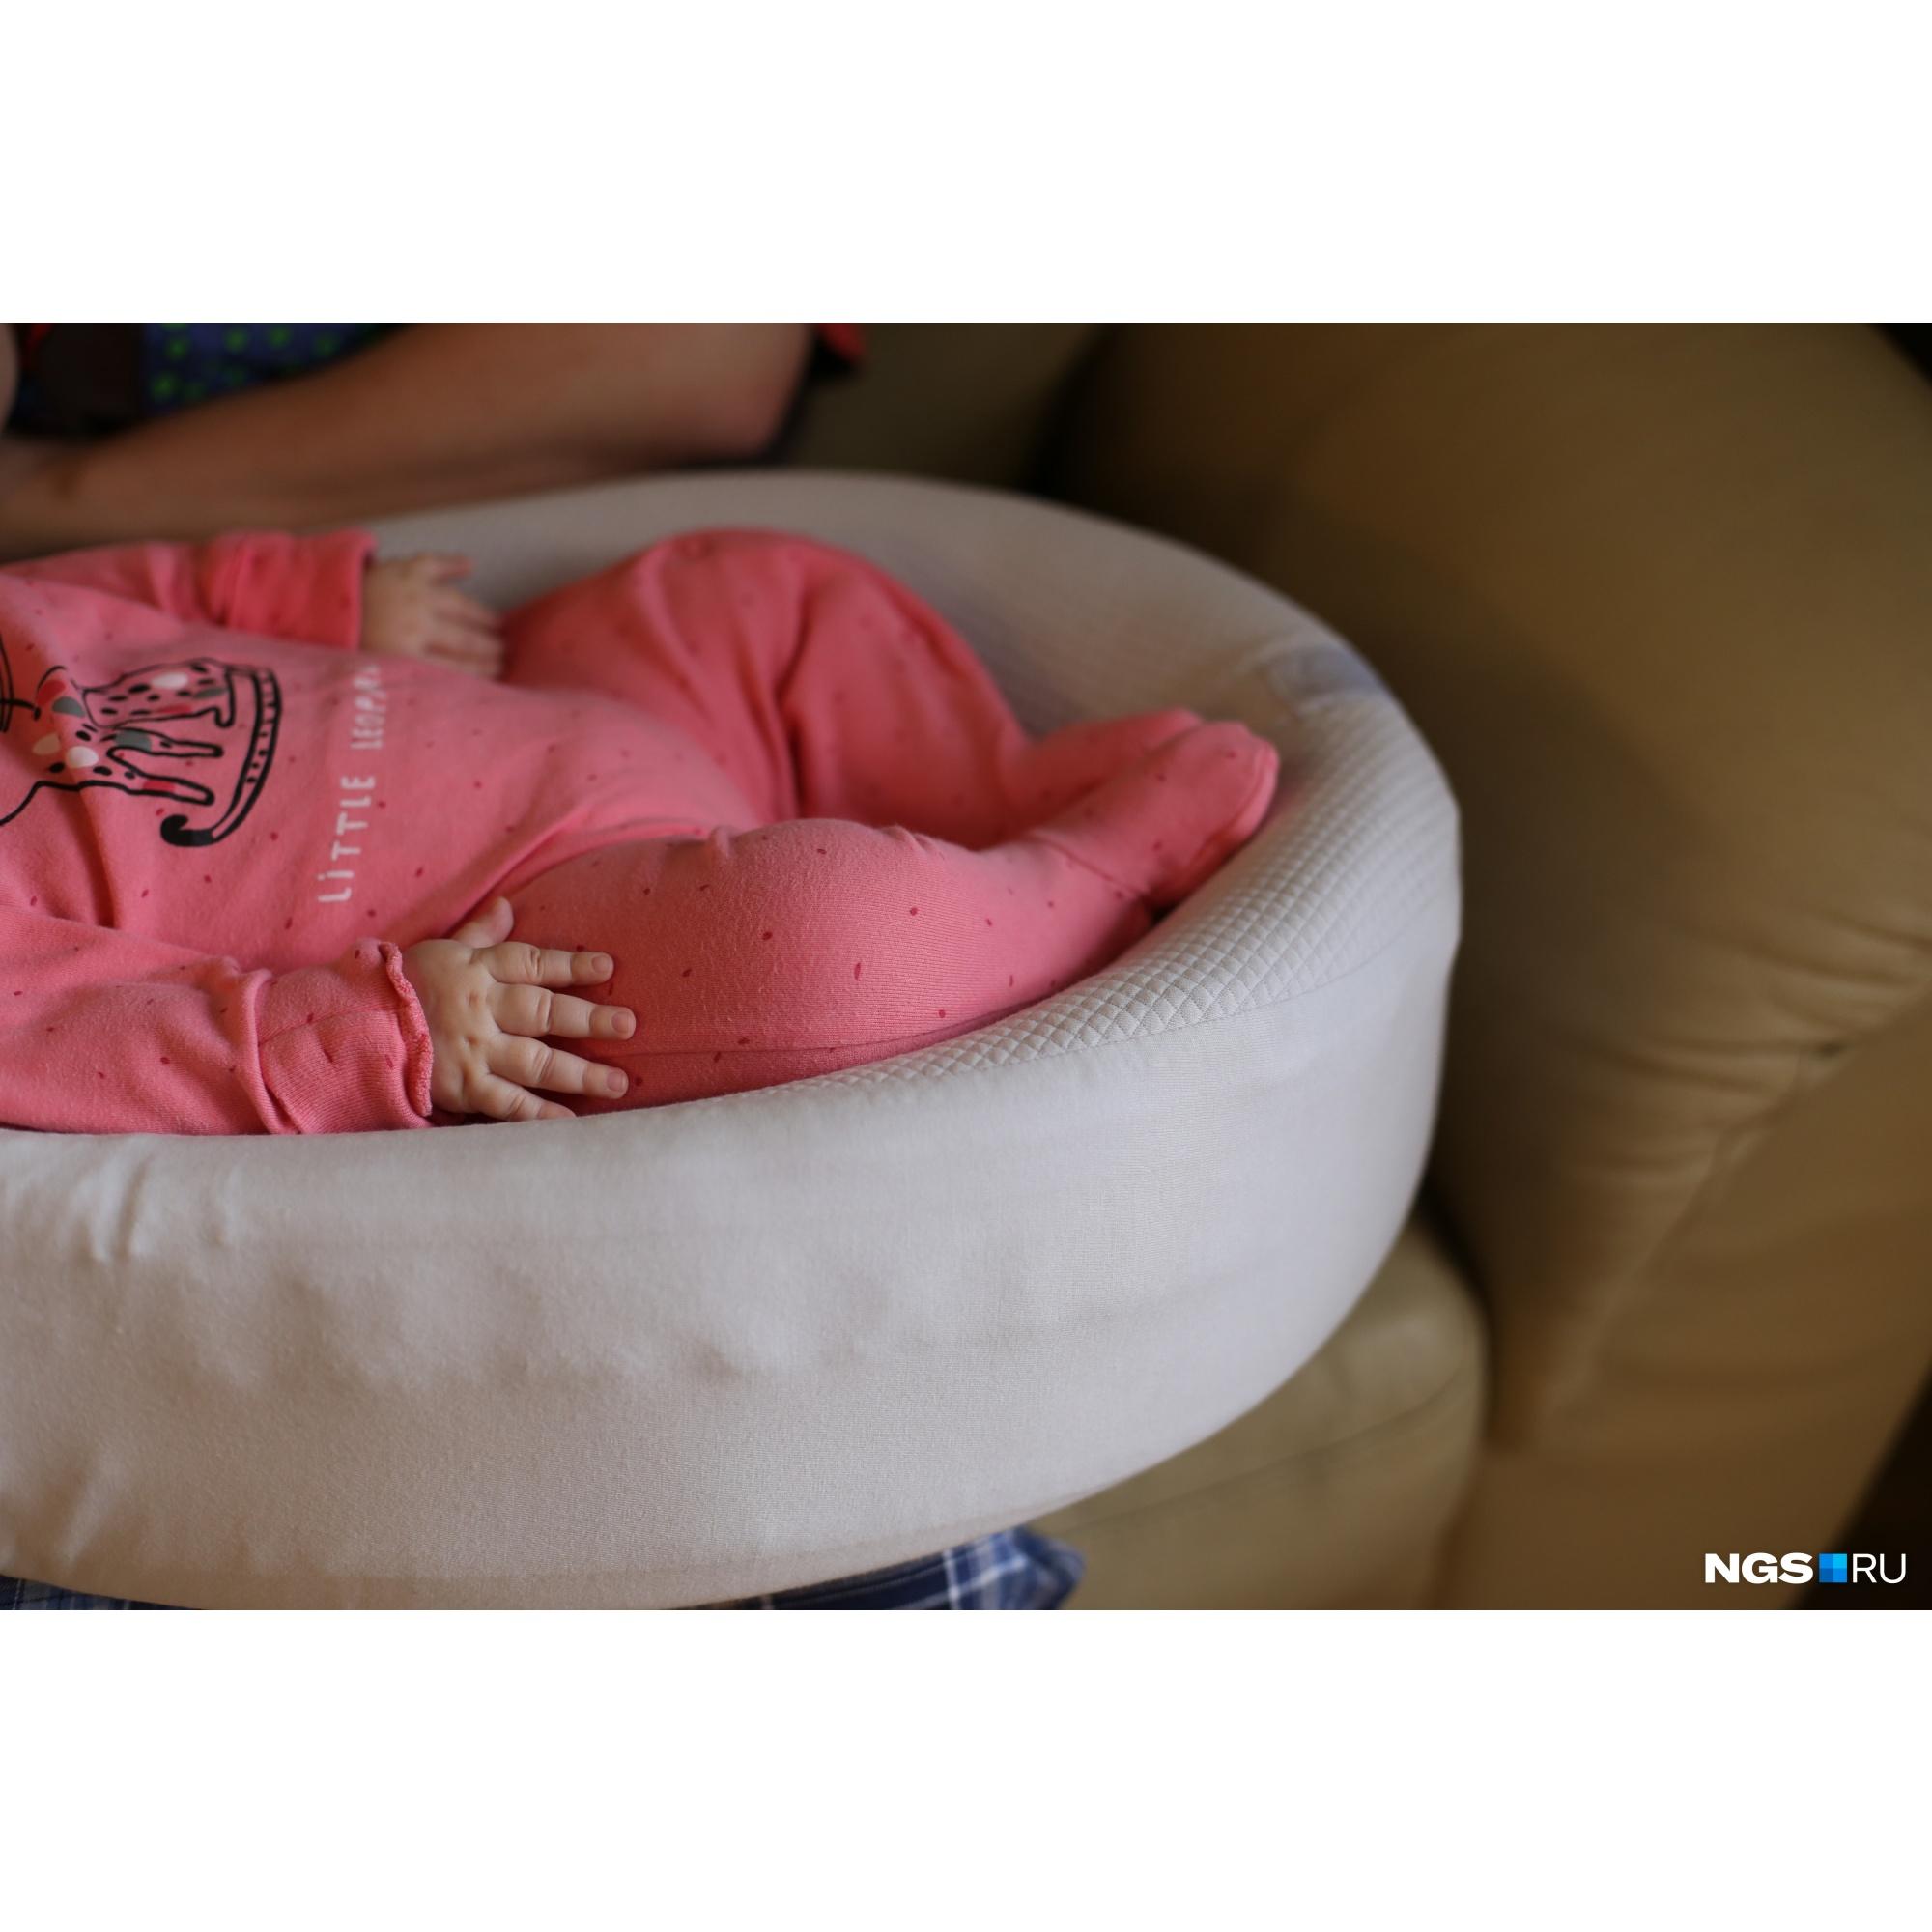 Родители Софии говорят, что&nbsp;в США каждому ребёнку делают скрининг и ставят укол, если находят мутацию в гене. То есть ещё до того, как появились симптомы<br>